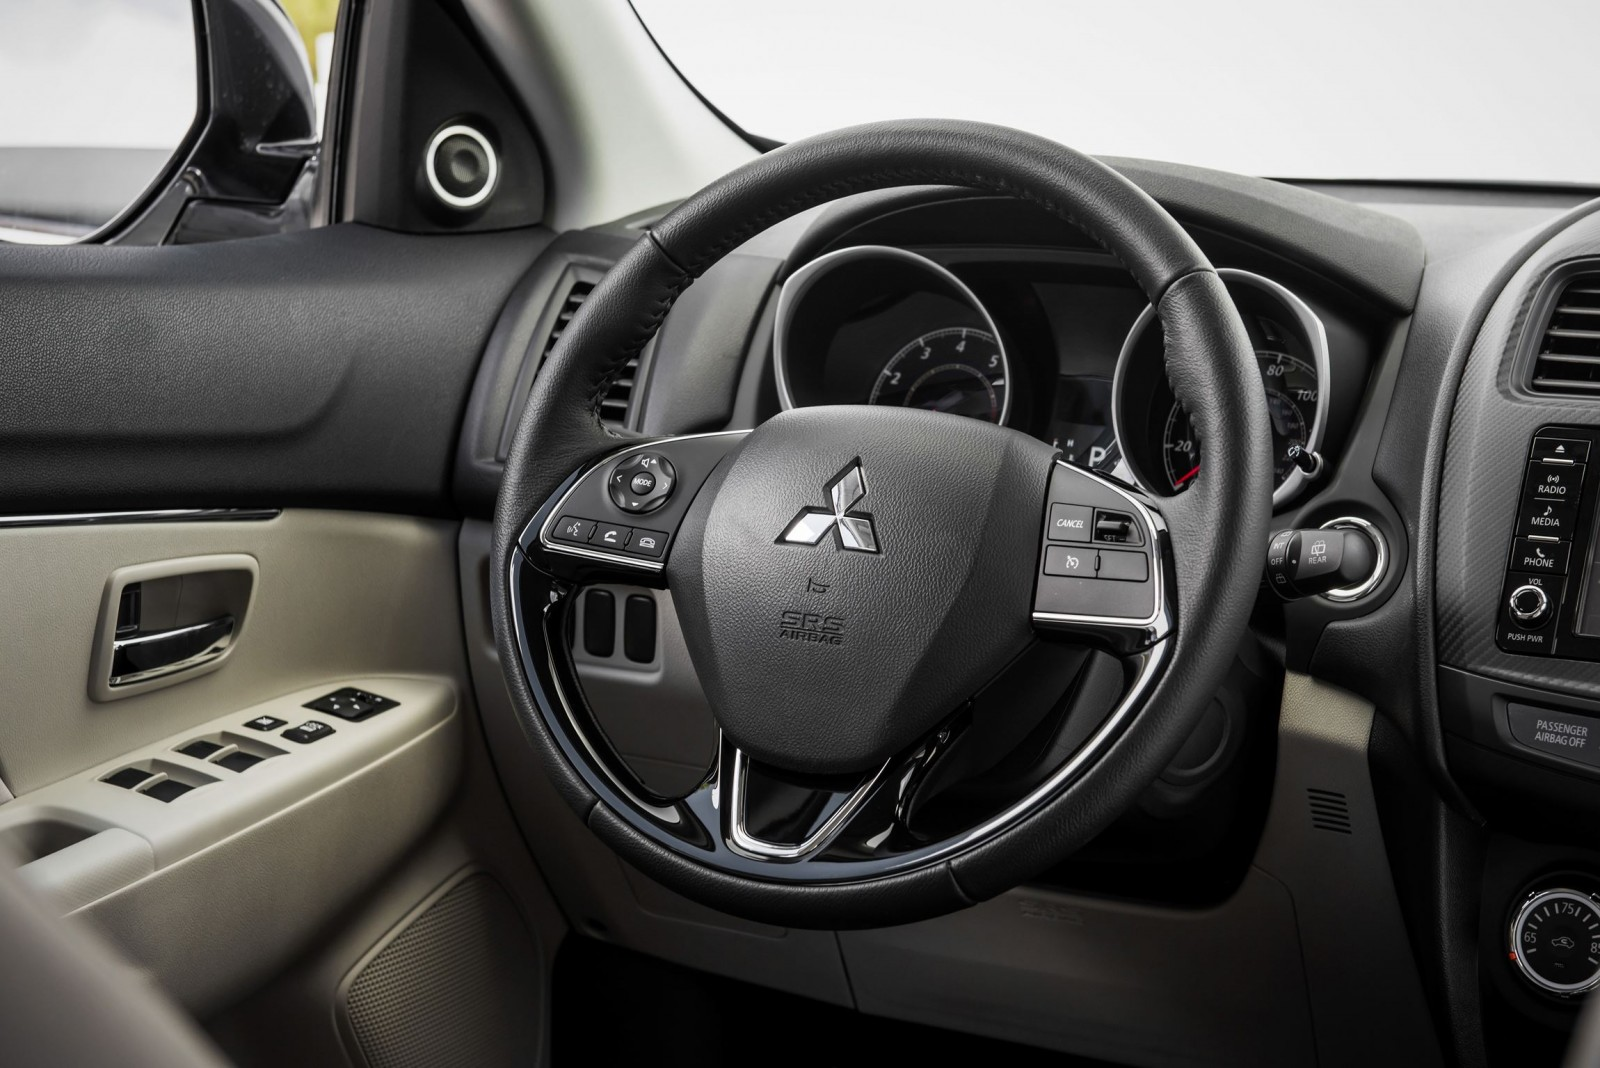 2016 mitsubishi outlander sport official debut shows new - Mitsubishi outlander sport interior ...